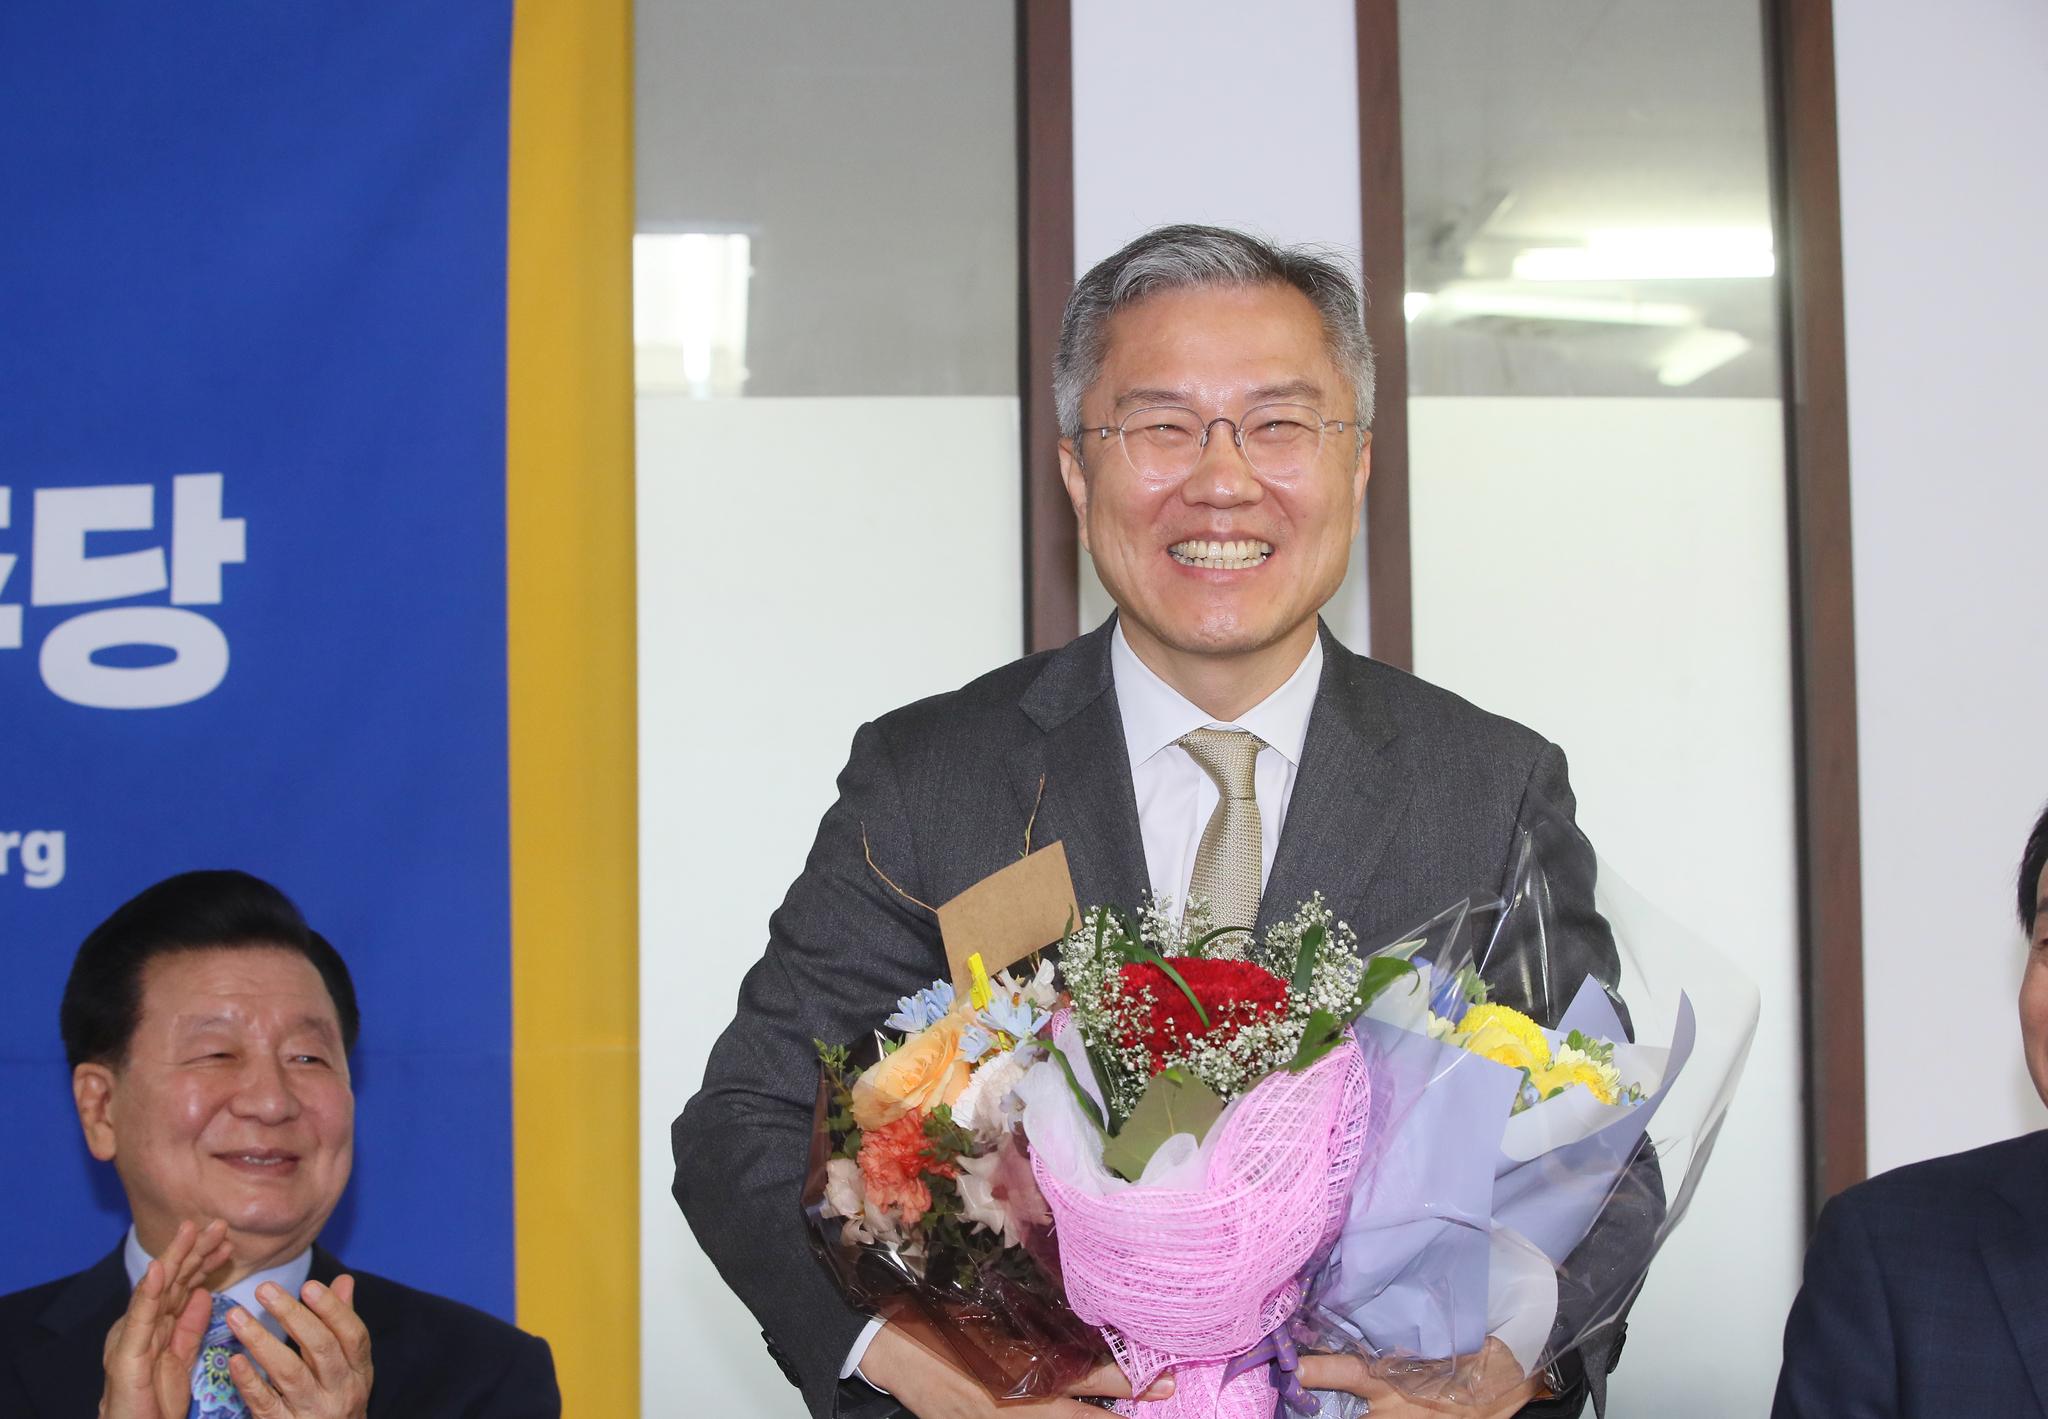 최강욱 신임 열린민주당 대표가 12일 서울 여의도 당사에서 축하 꽃다발을 받고 있다. 연합뉴스